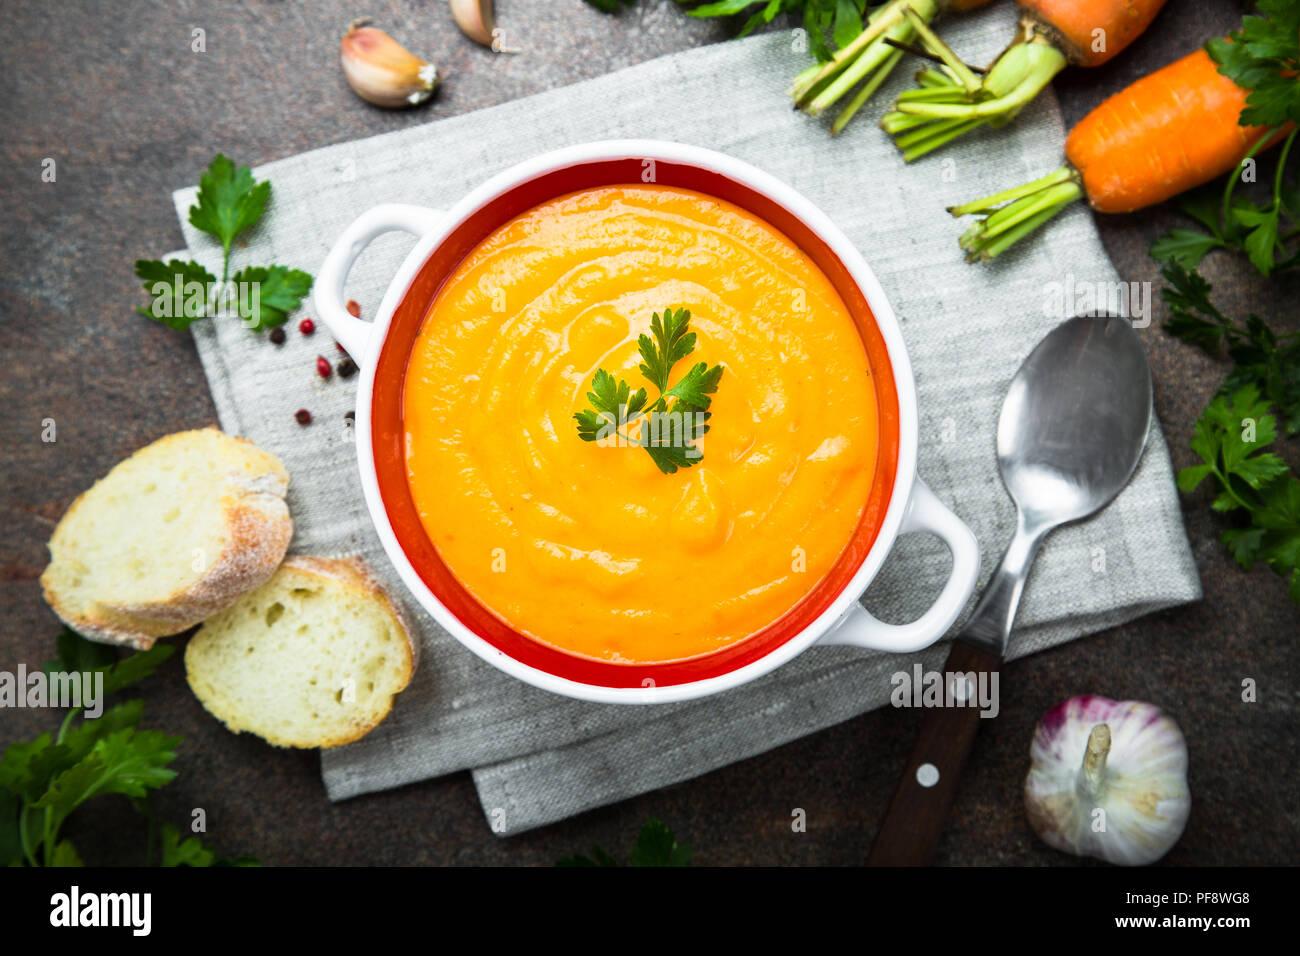 Crème de potiron-carotte soupe sur pierre sombre tableau. Soupe de légumes végétarien. Vue d'en haut. Photo Stock